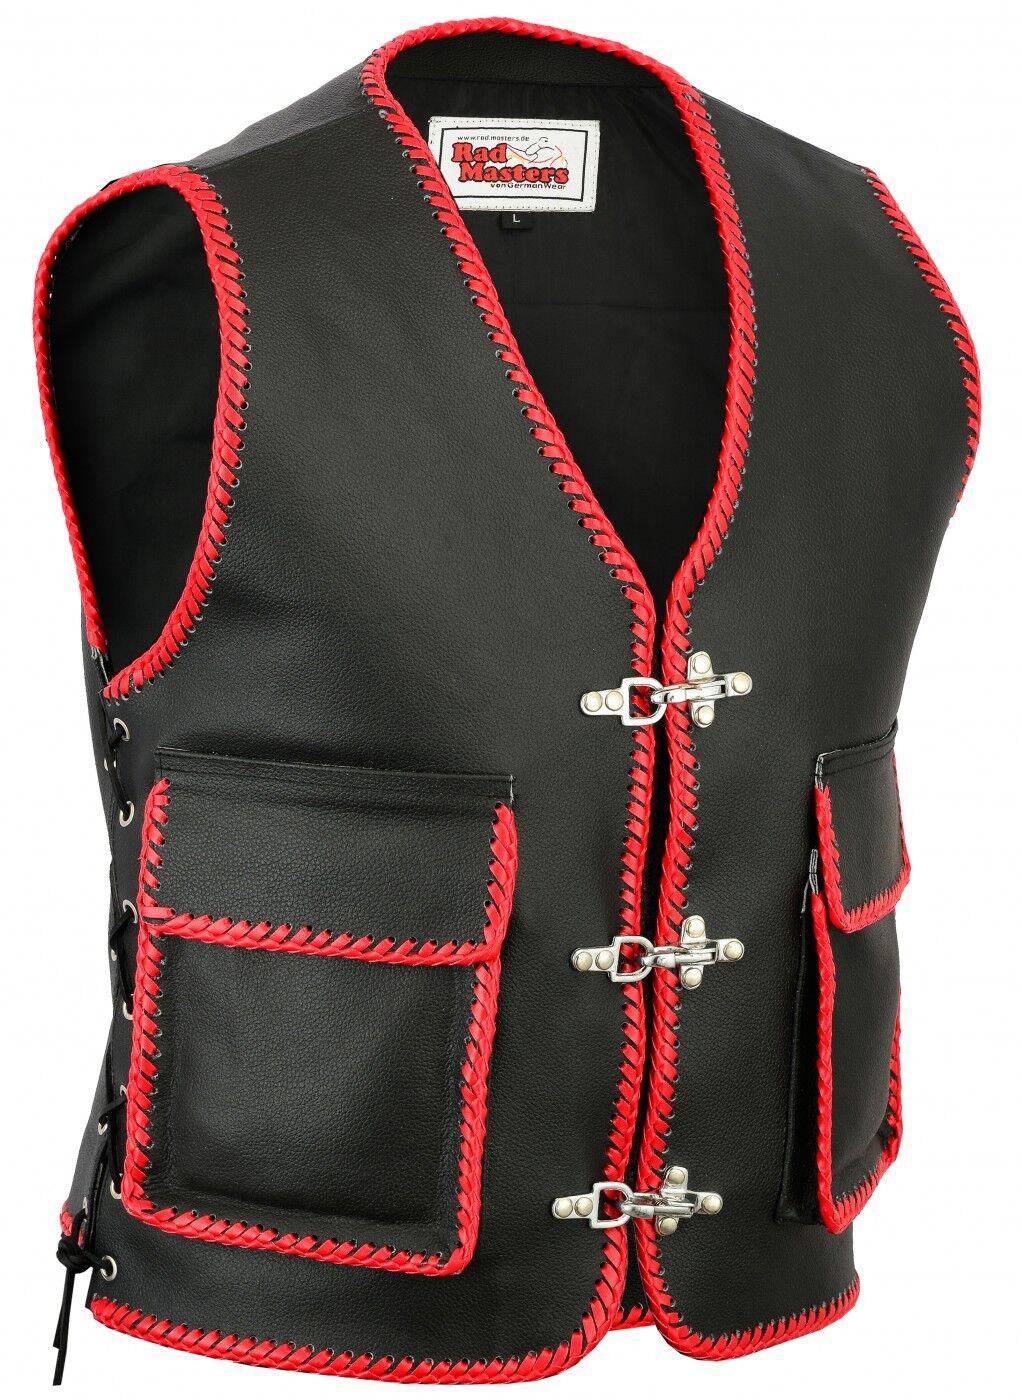 German Wear,Leder Motorrad Kutte Karabiner Lederweste Motorradweste  black red